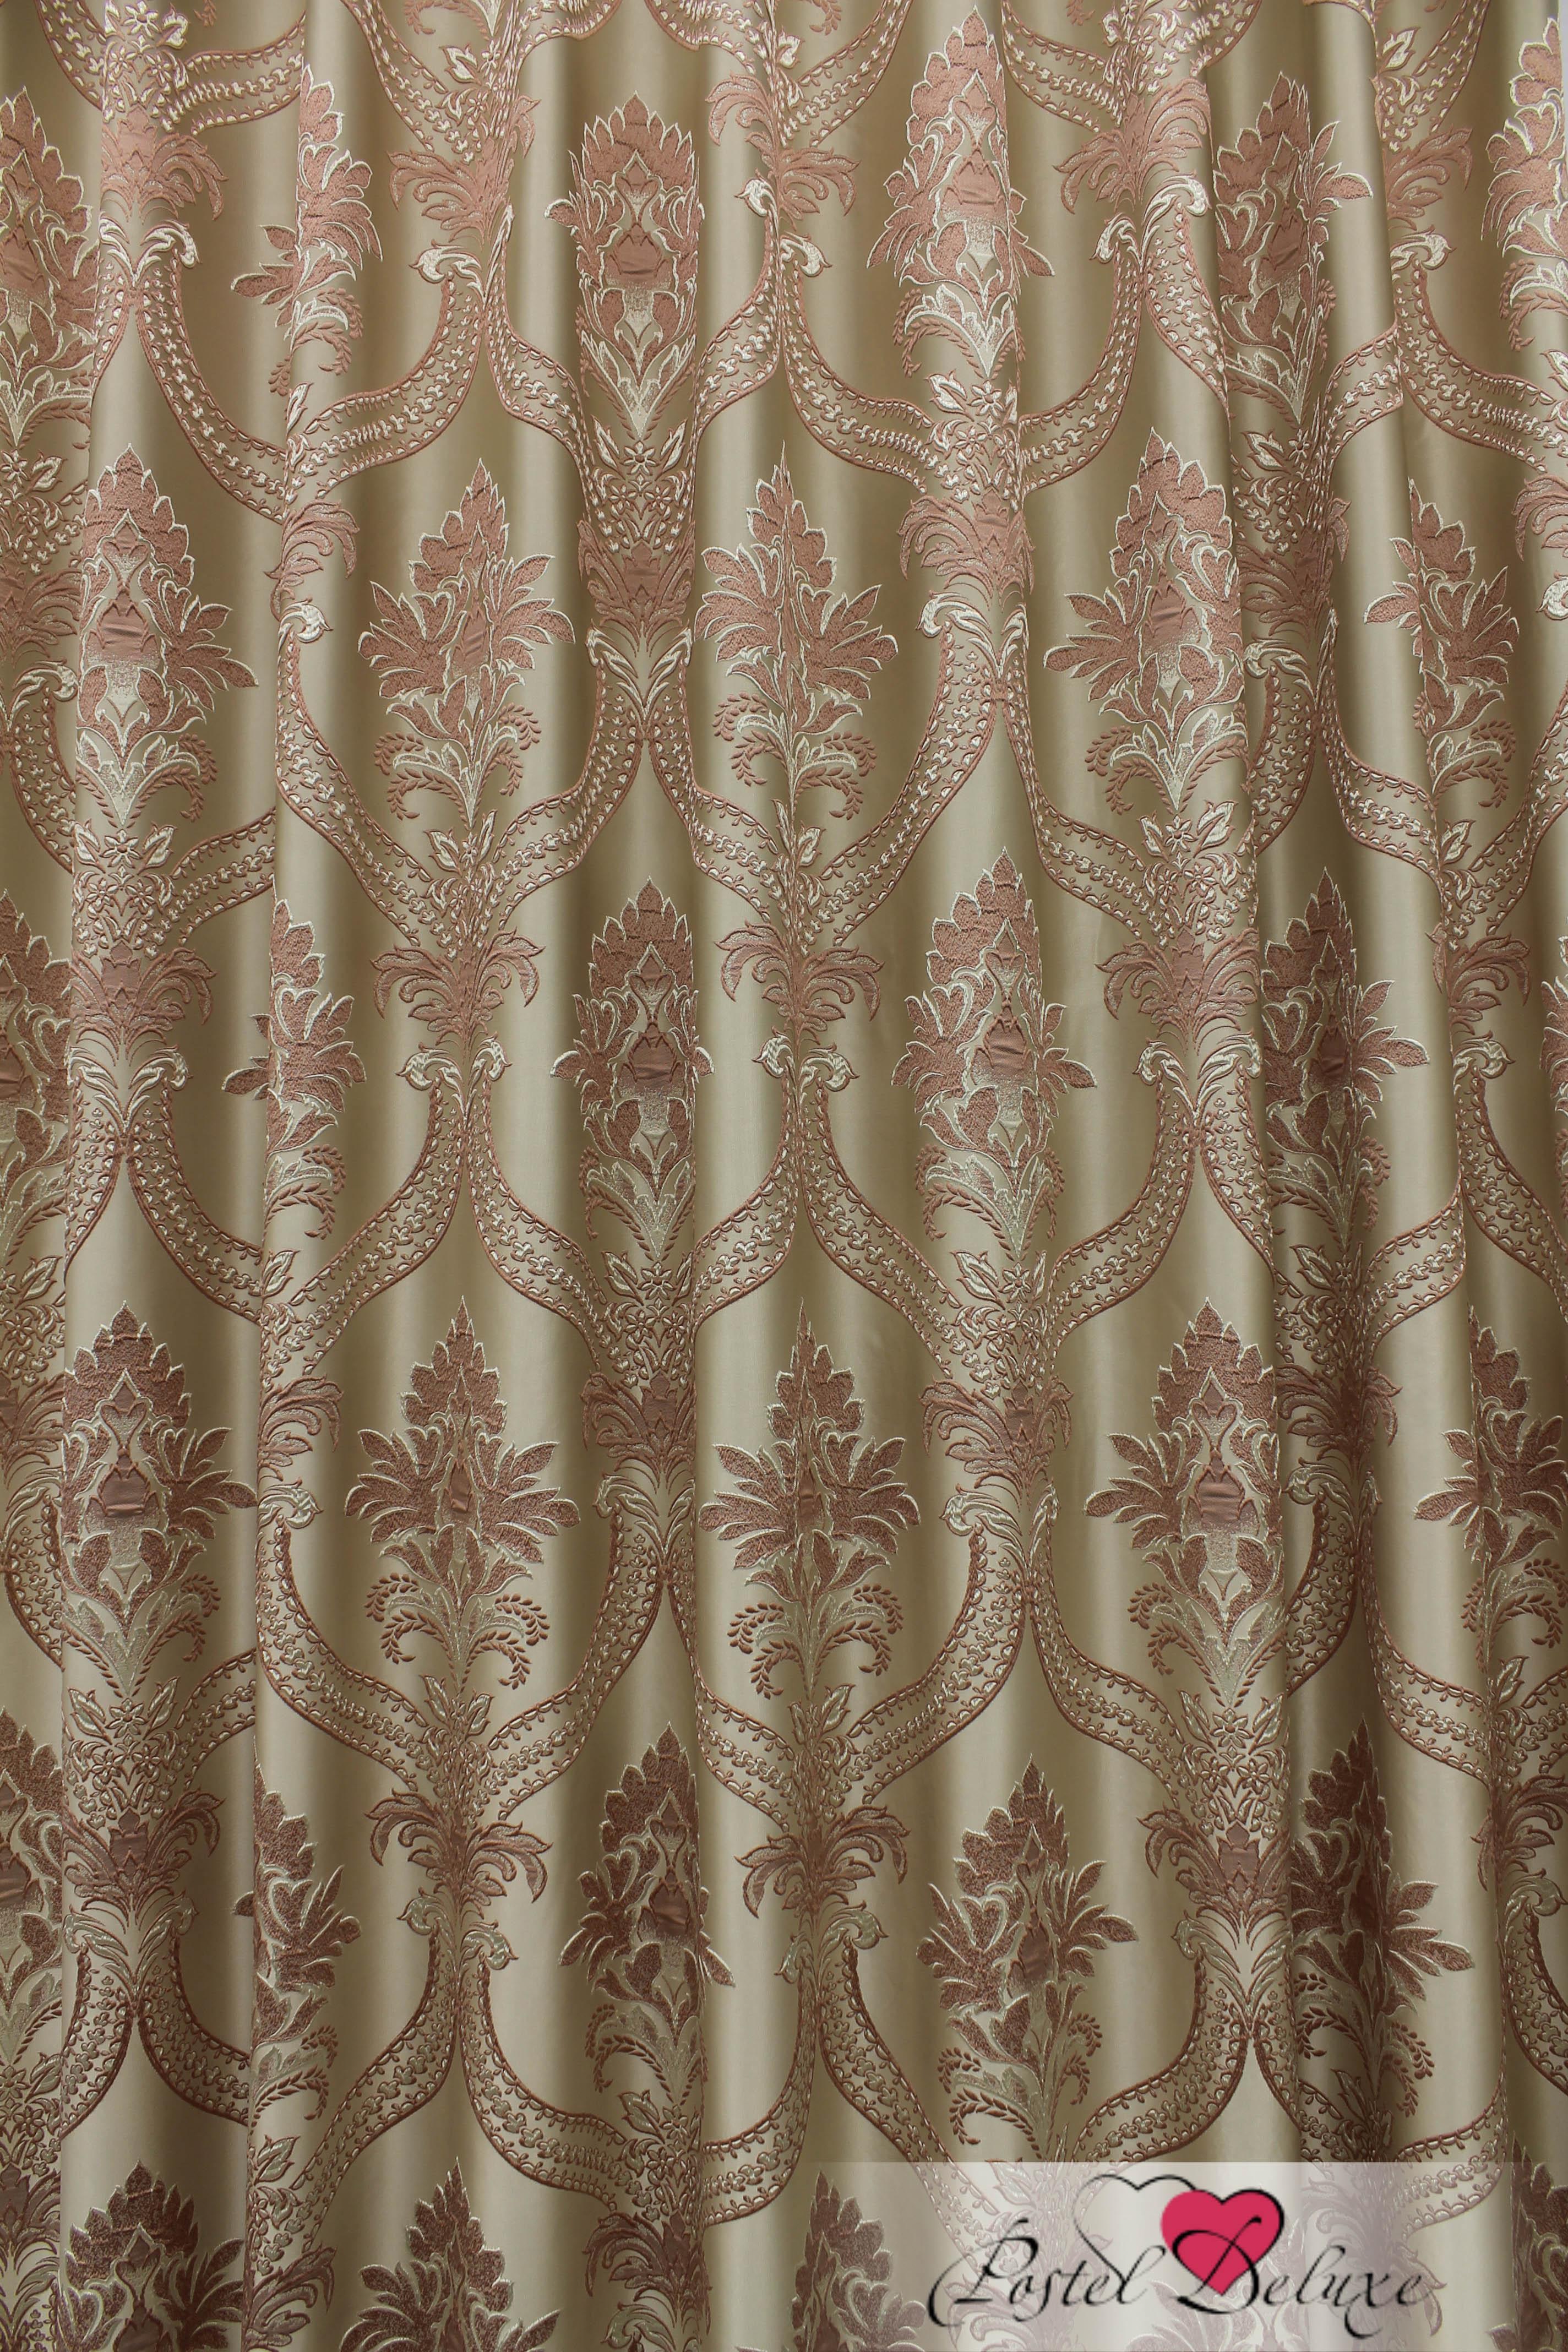 Шторы Sanpa Классические шторы Нанзия Цвет: Розовый шторы tac классические шторы глянец цвет портьер розовый цвет тюля белый с бежевой полоской